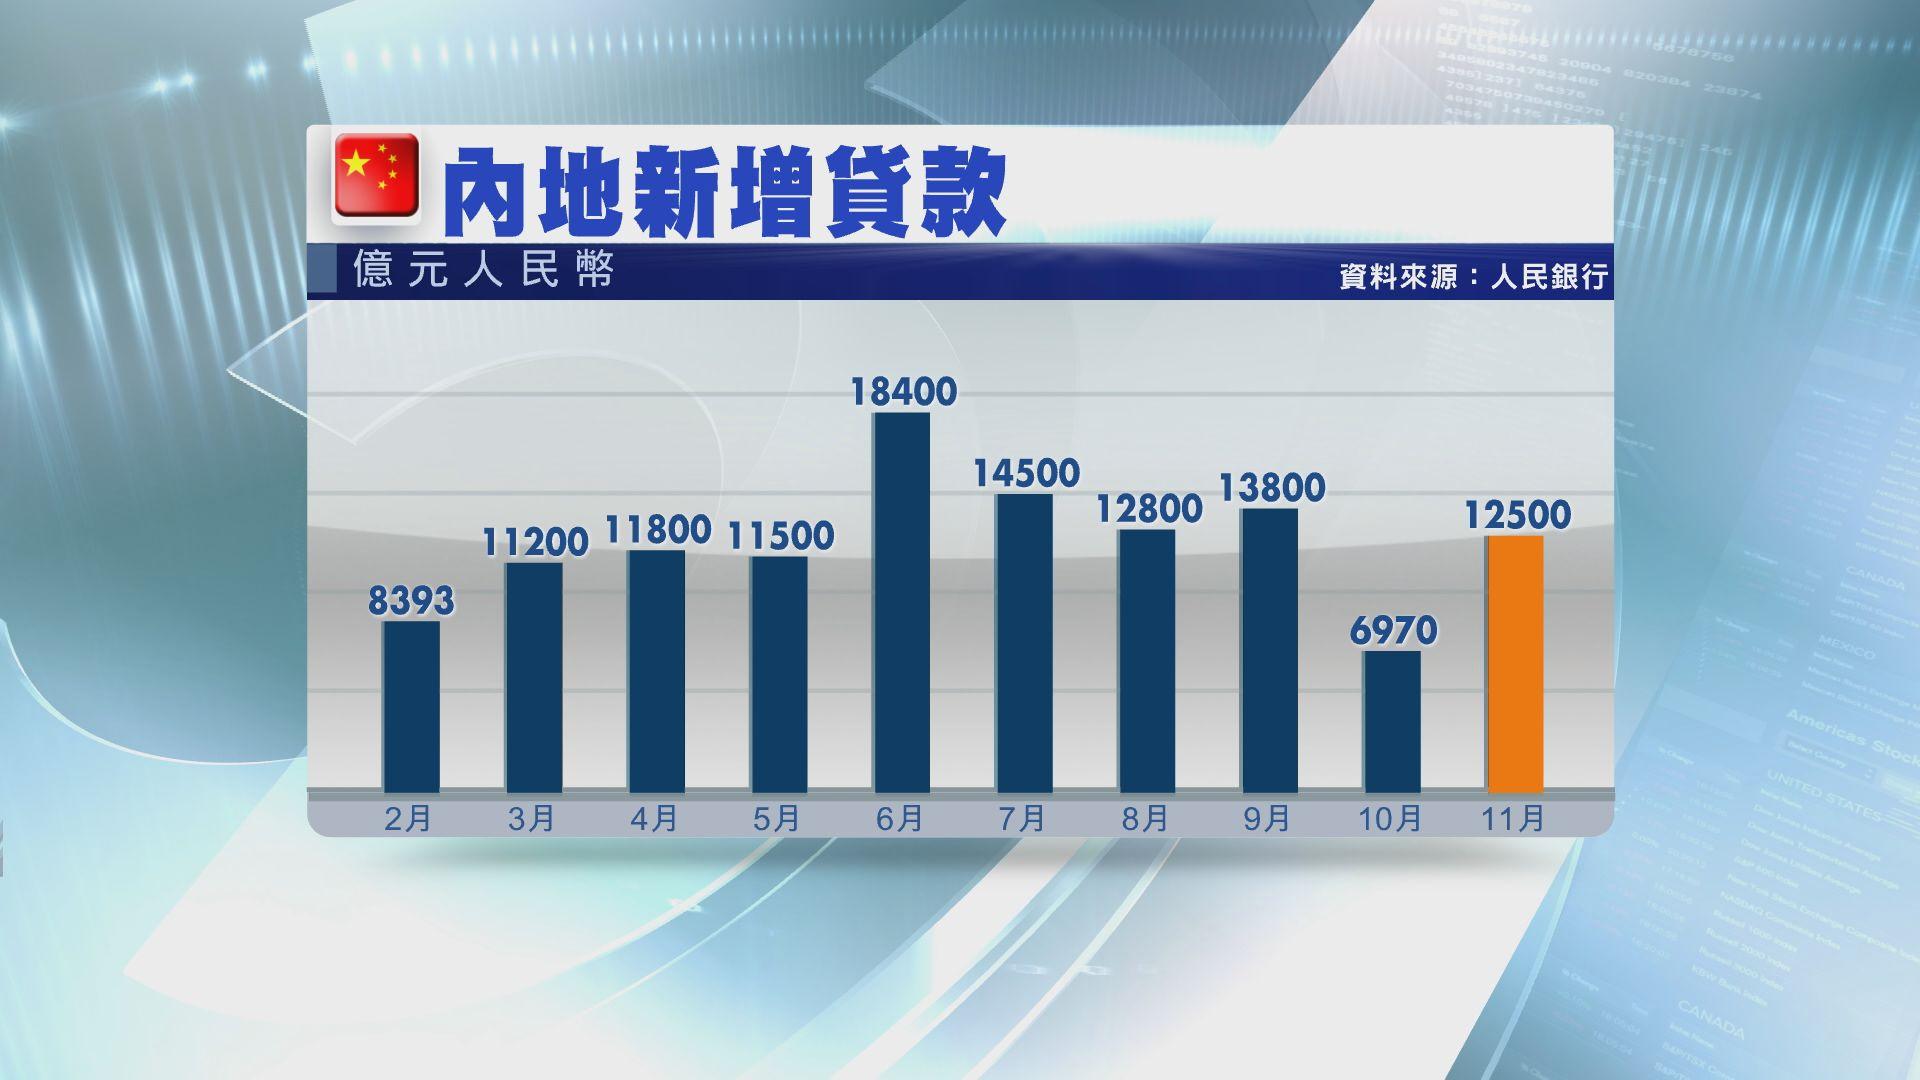 【高於預期】內地上月新增貸款1.25萬億人幣